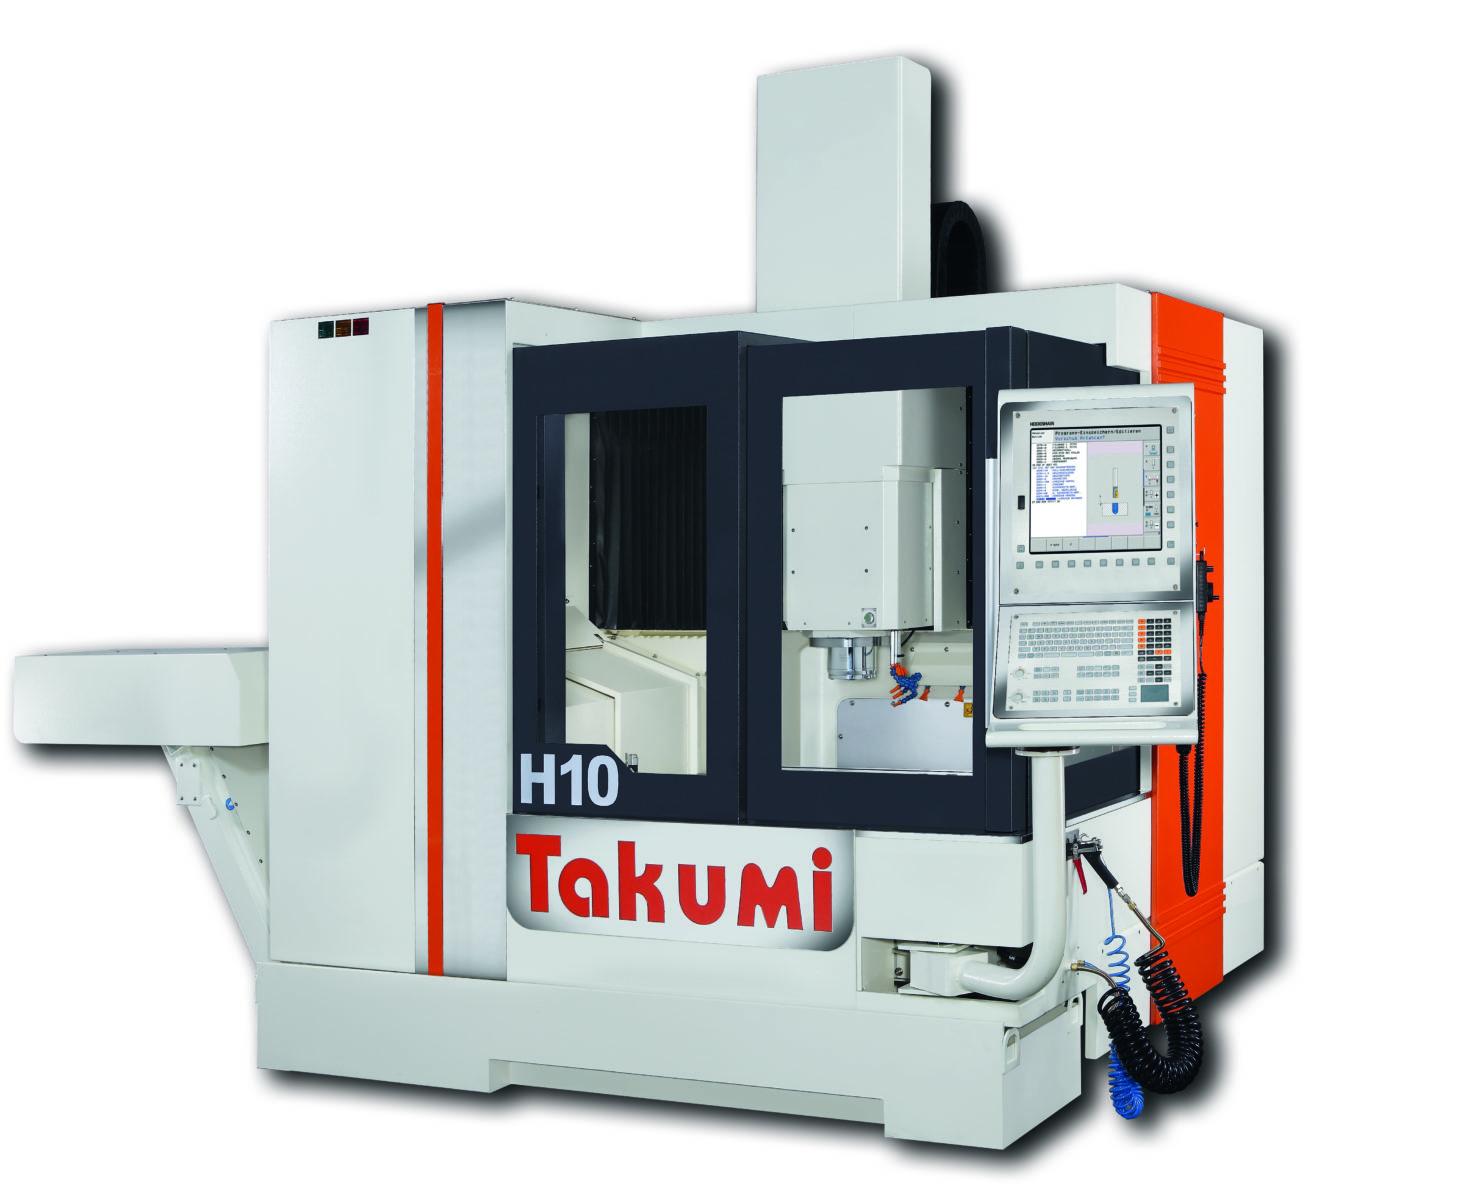 Takumi H10: 3-Achs-BAZ s ovládáním pro výrobu forem a forem